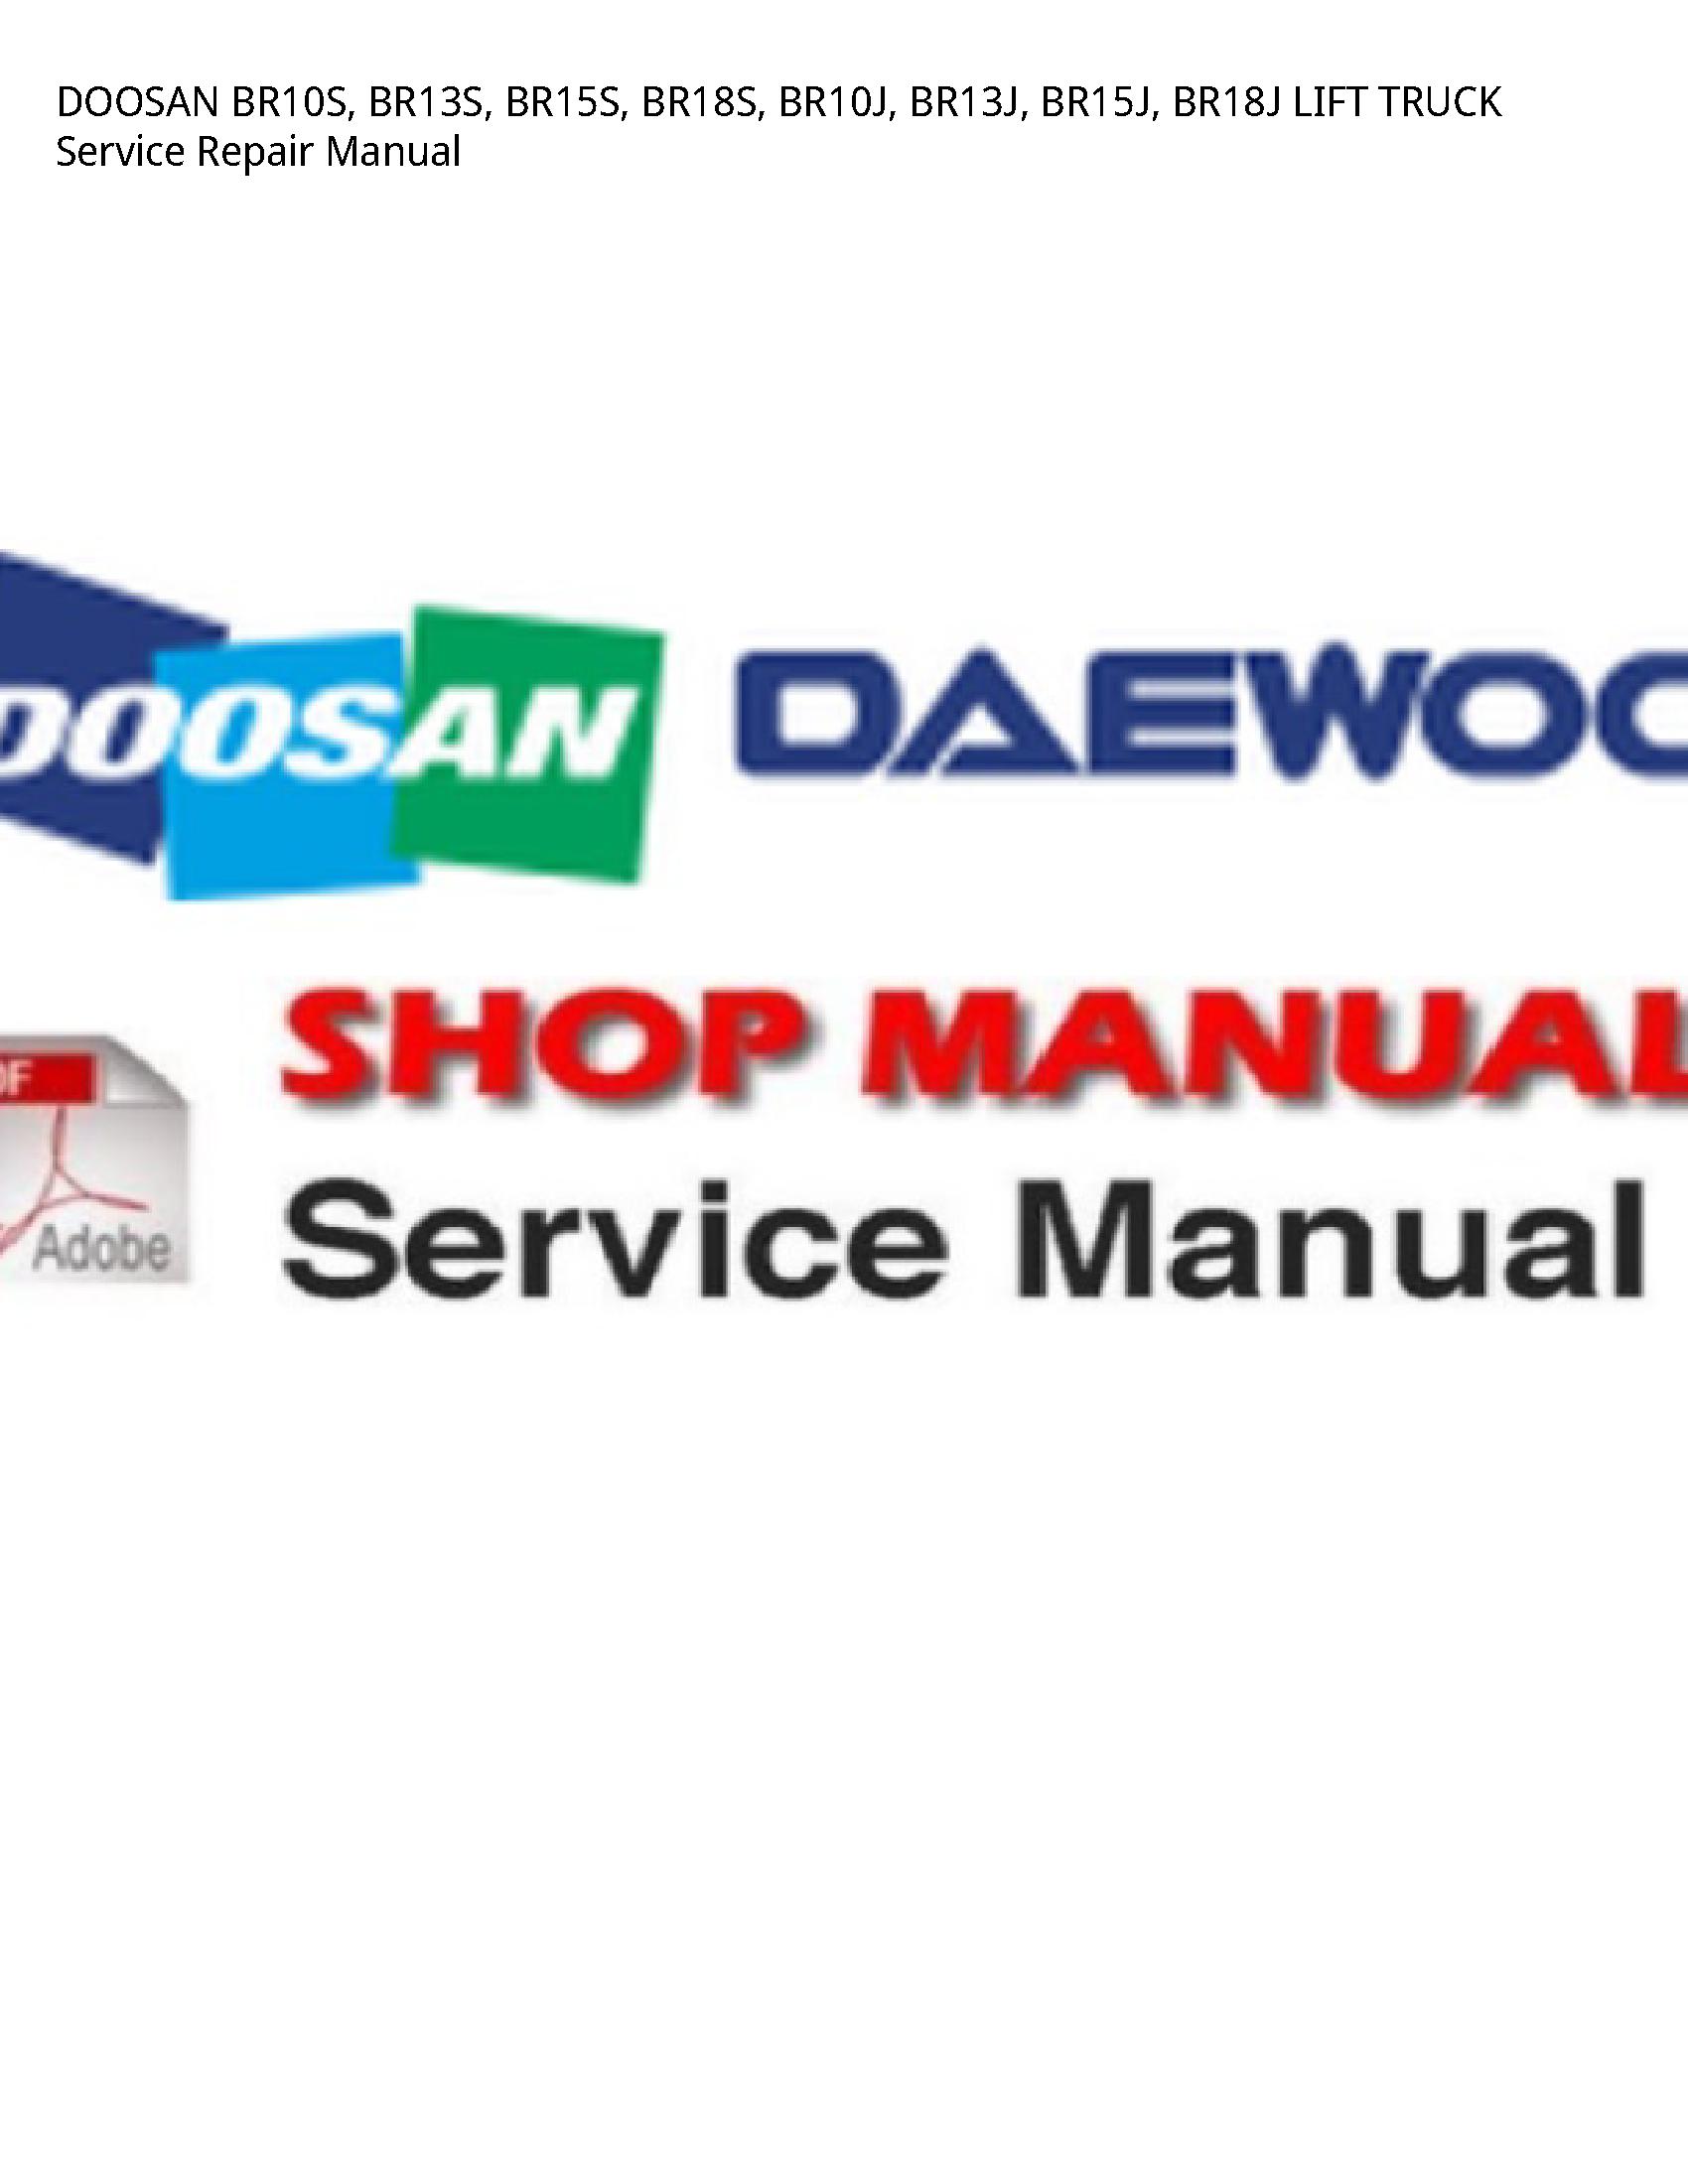 Doosan BR10S LIFT TRUCK manual